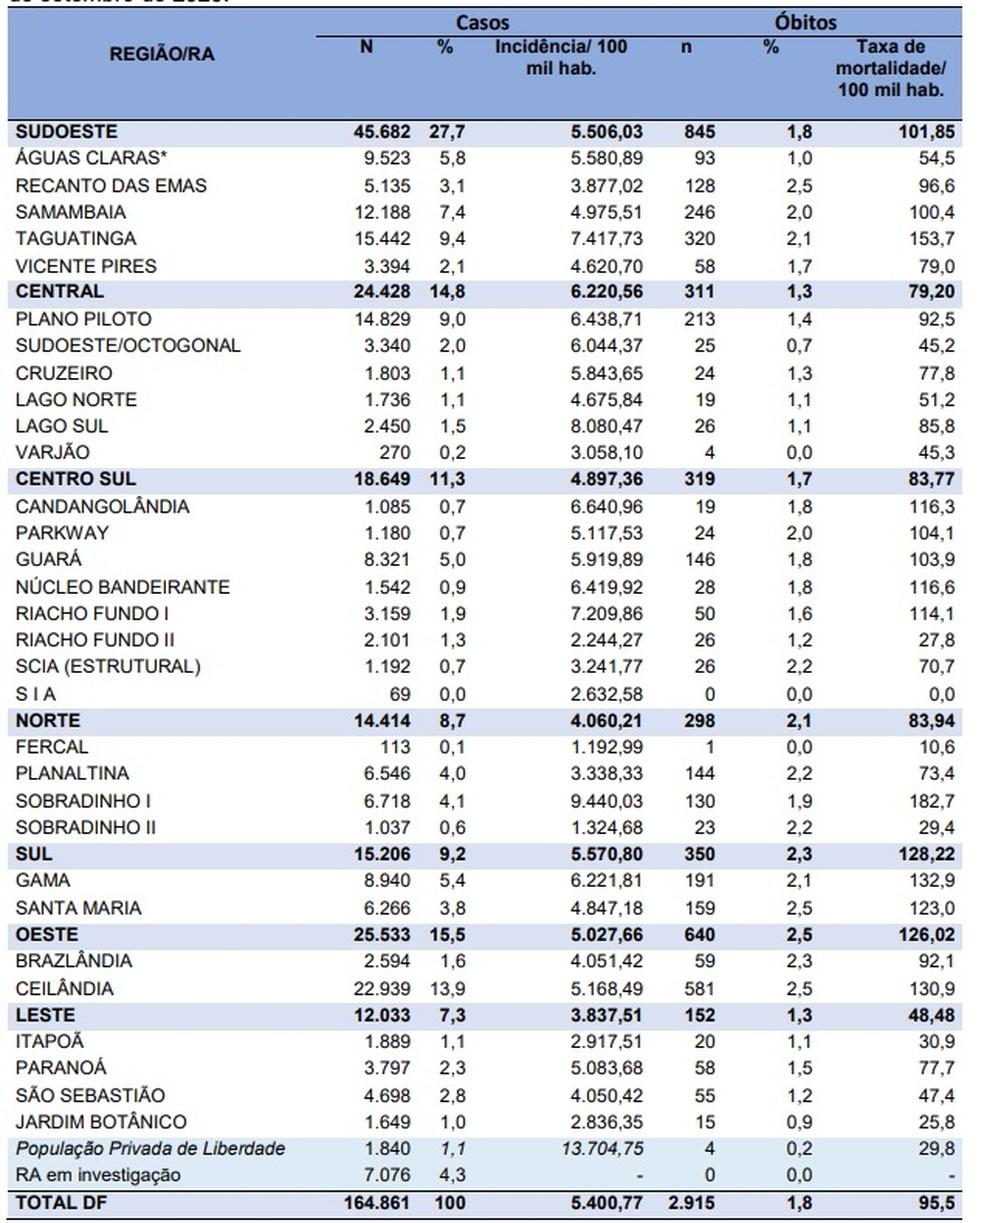 Casos de coronavírus por região do DF, em 25 de setembro — Foto: SES-DF/Reprodução